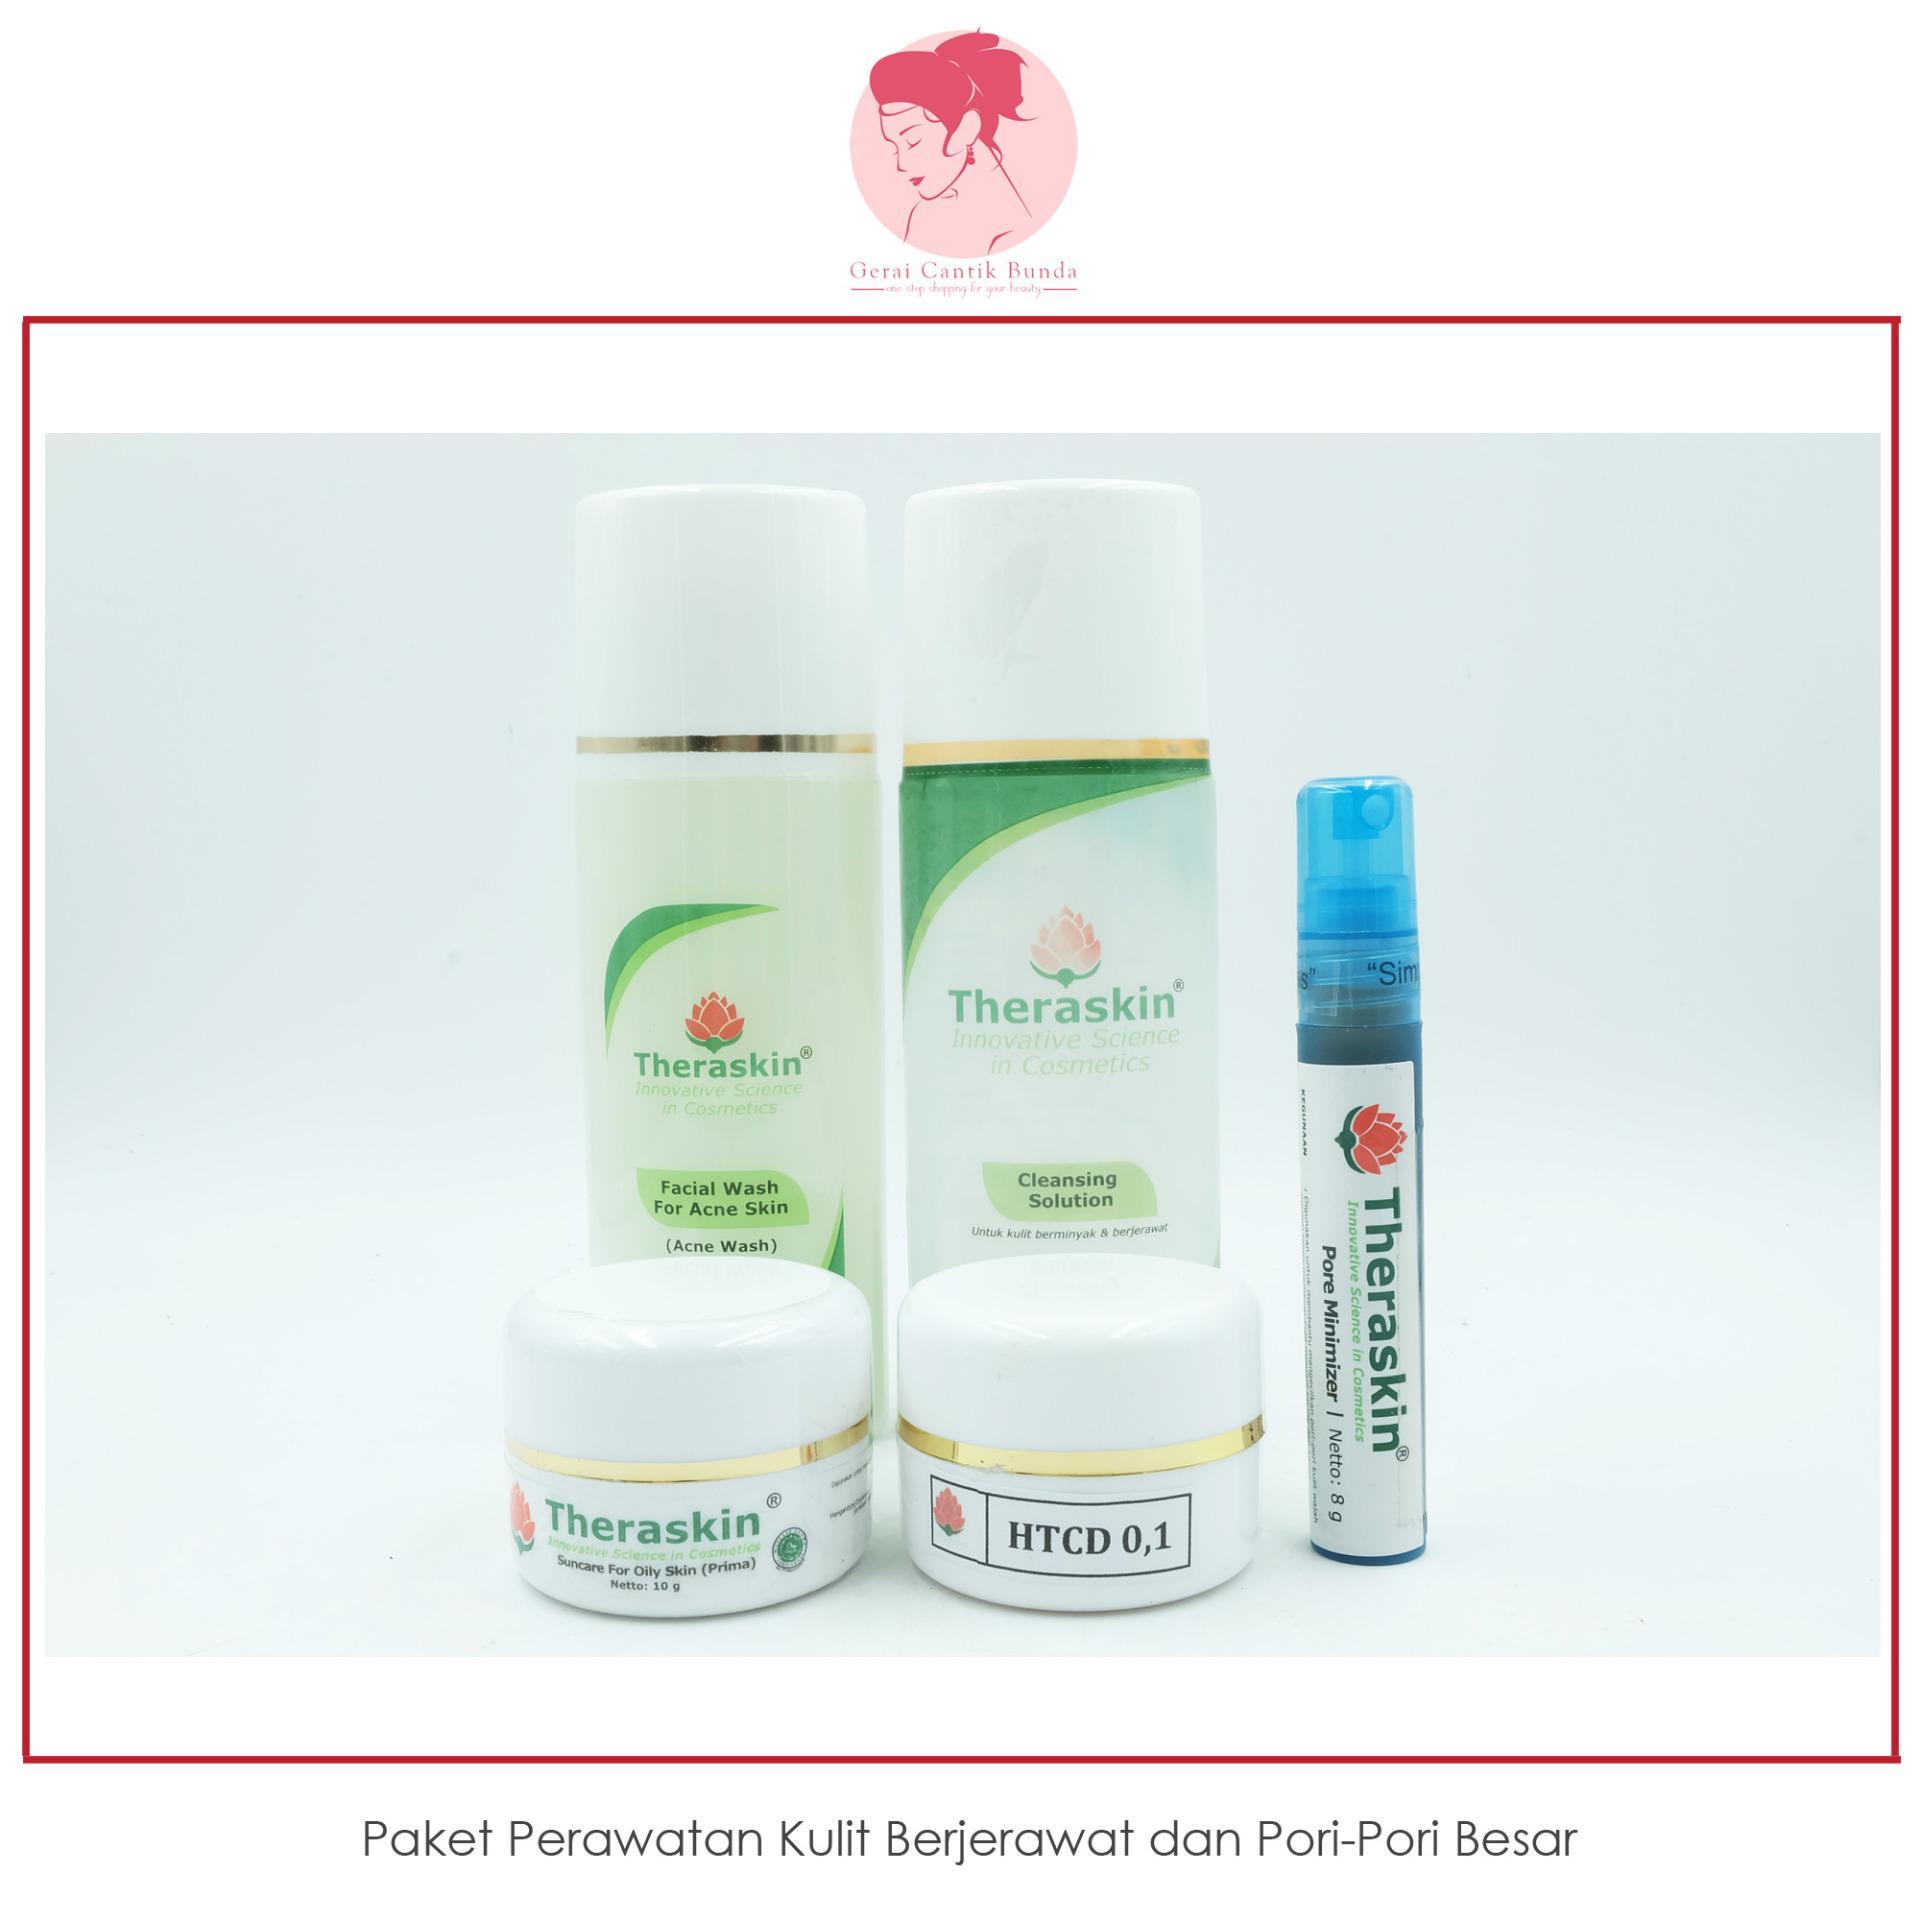 ... Flash Sale Paket perawatan kulit berjerawat dan pori pori besar Theraskin